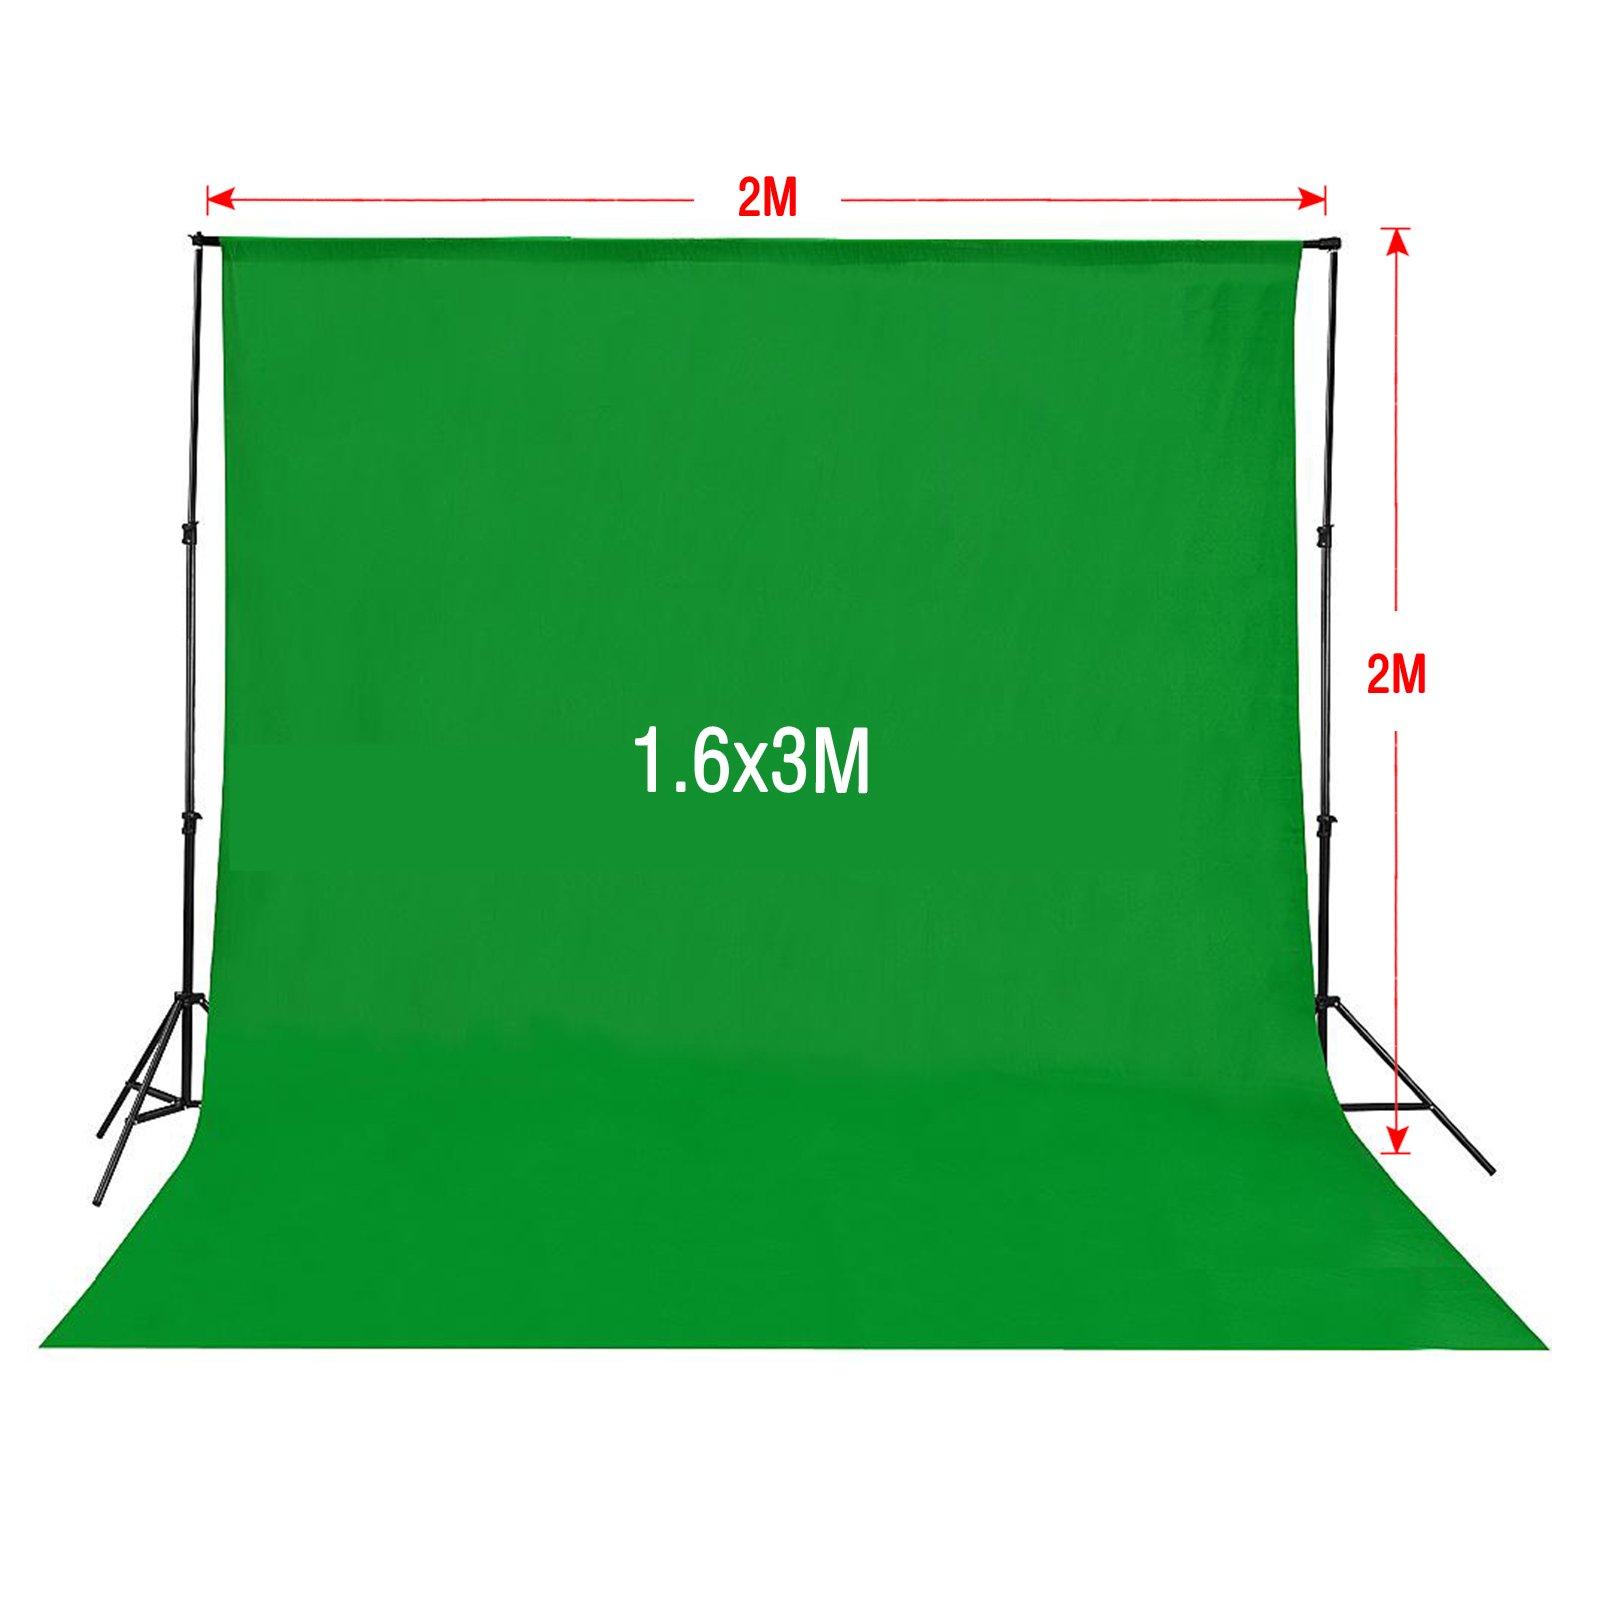 estudio fotográfico kit estudio de la iluminación Contínua 2 paraguas + blanco, verde, negro y negro + Soporte del fondo + trípode de luz + lámpara de 135 W: Amazon.es: Electrónica